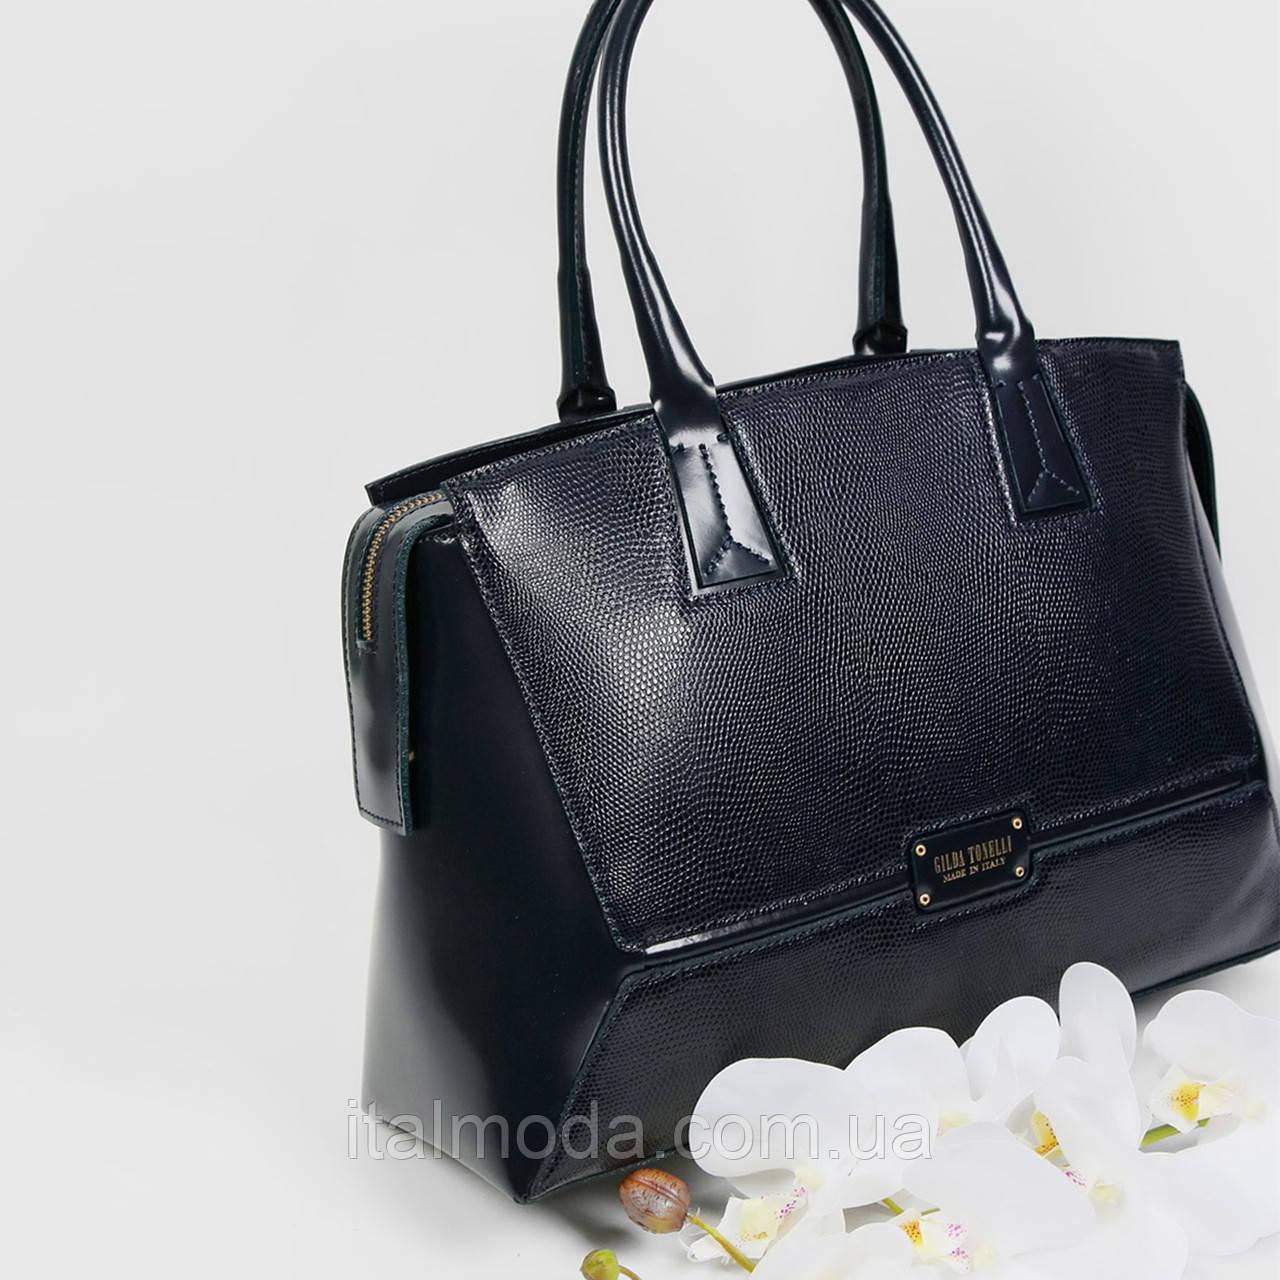 879325074815 Женская сумка Gilda Tonelli 1610, цена 6 440 грн., купить в Киеве ...